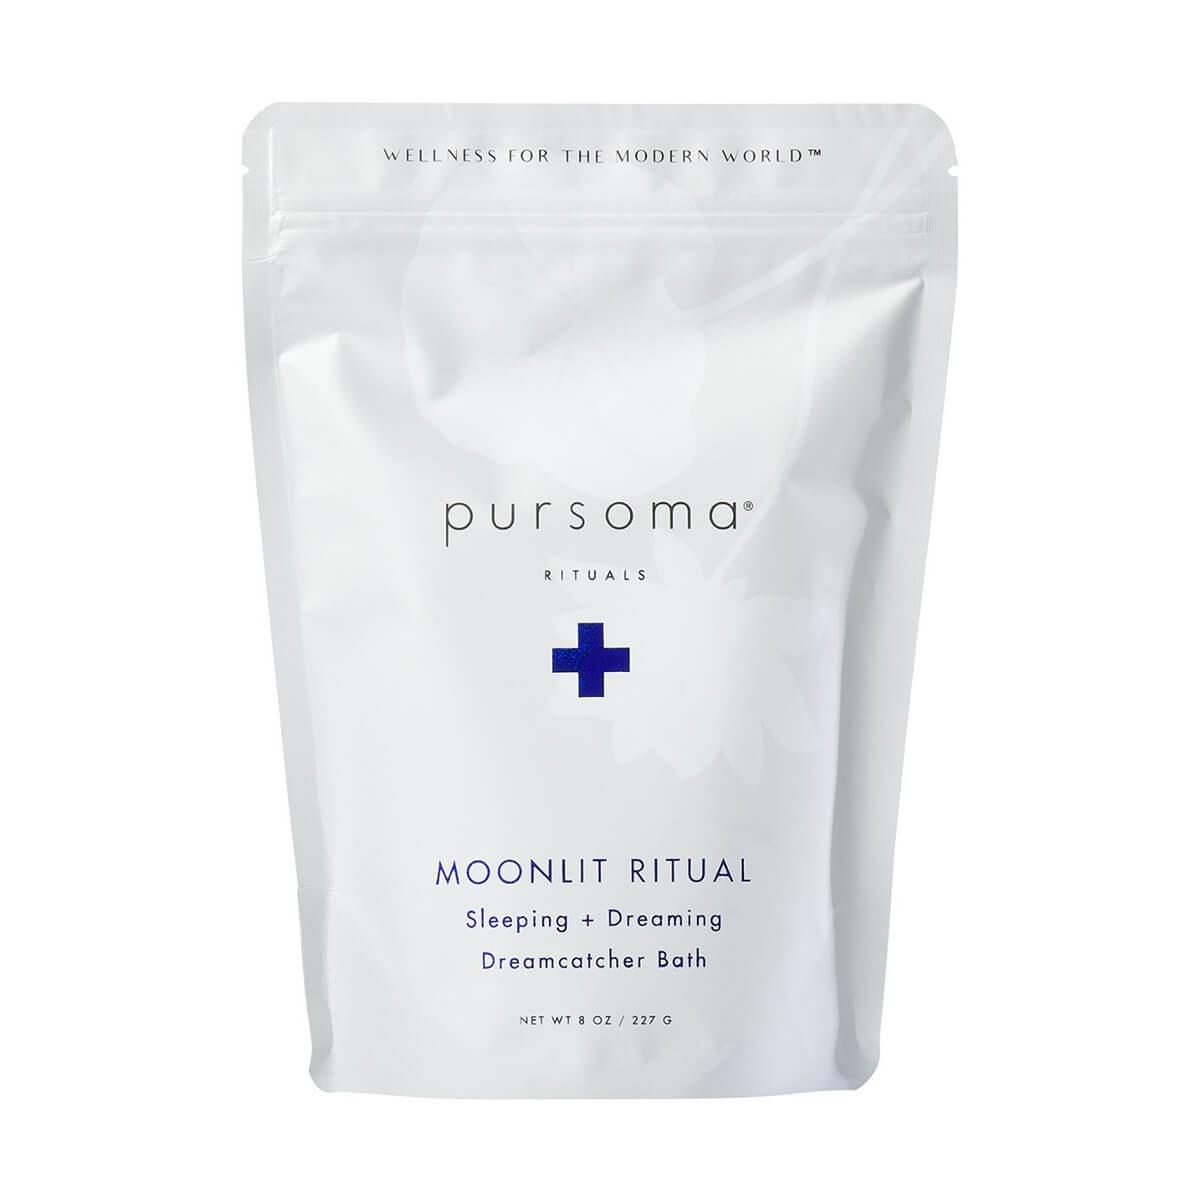 Pursoma Moonlit Ritual Bath Soak - front of bag